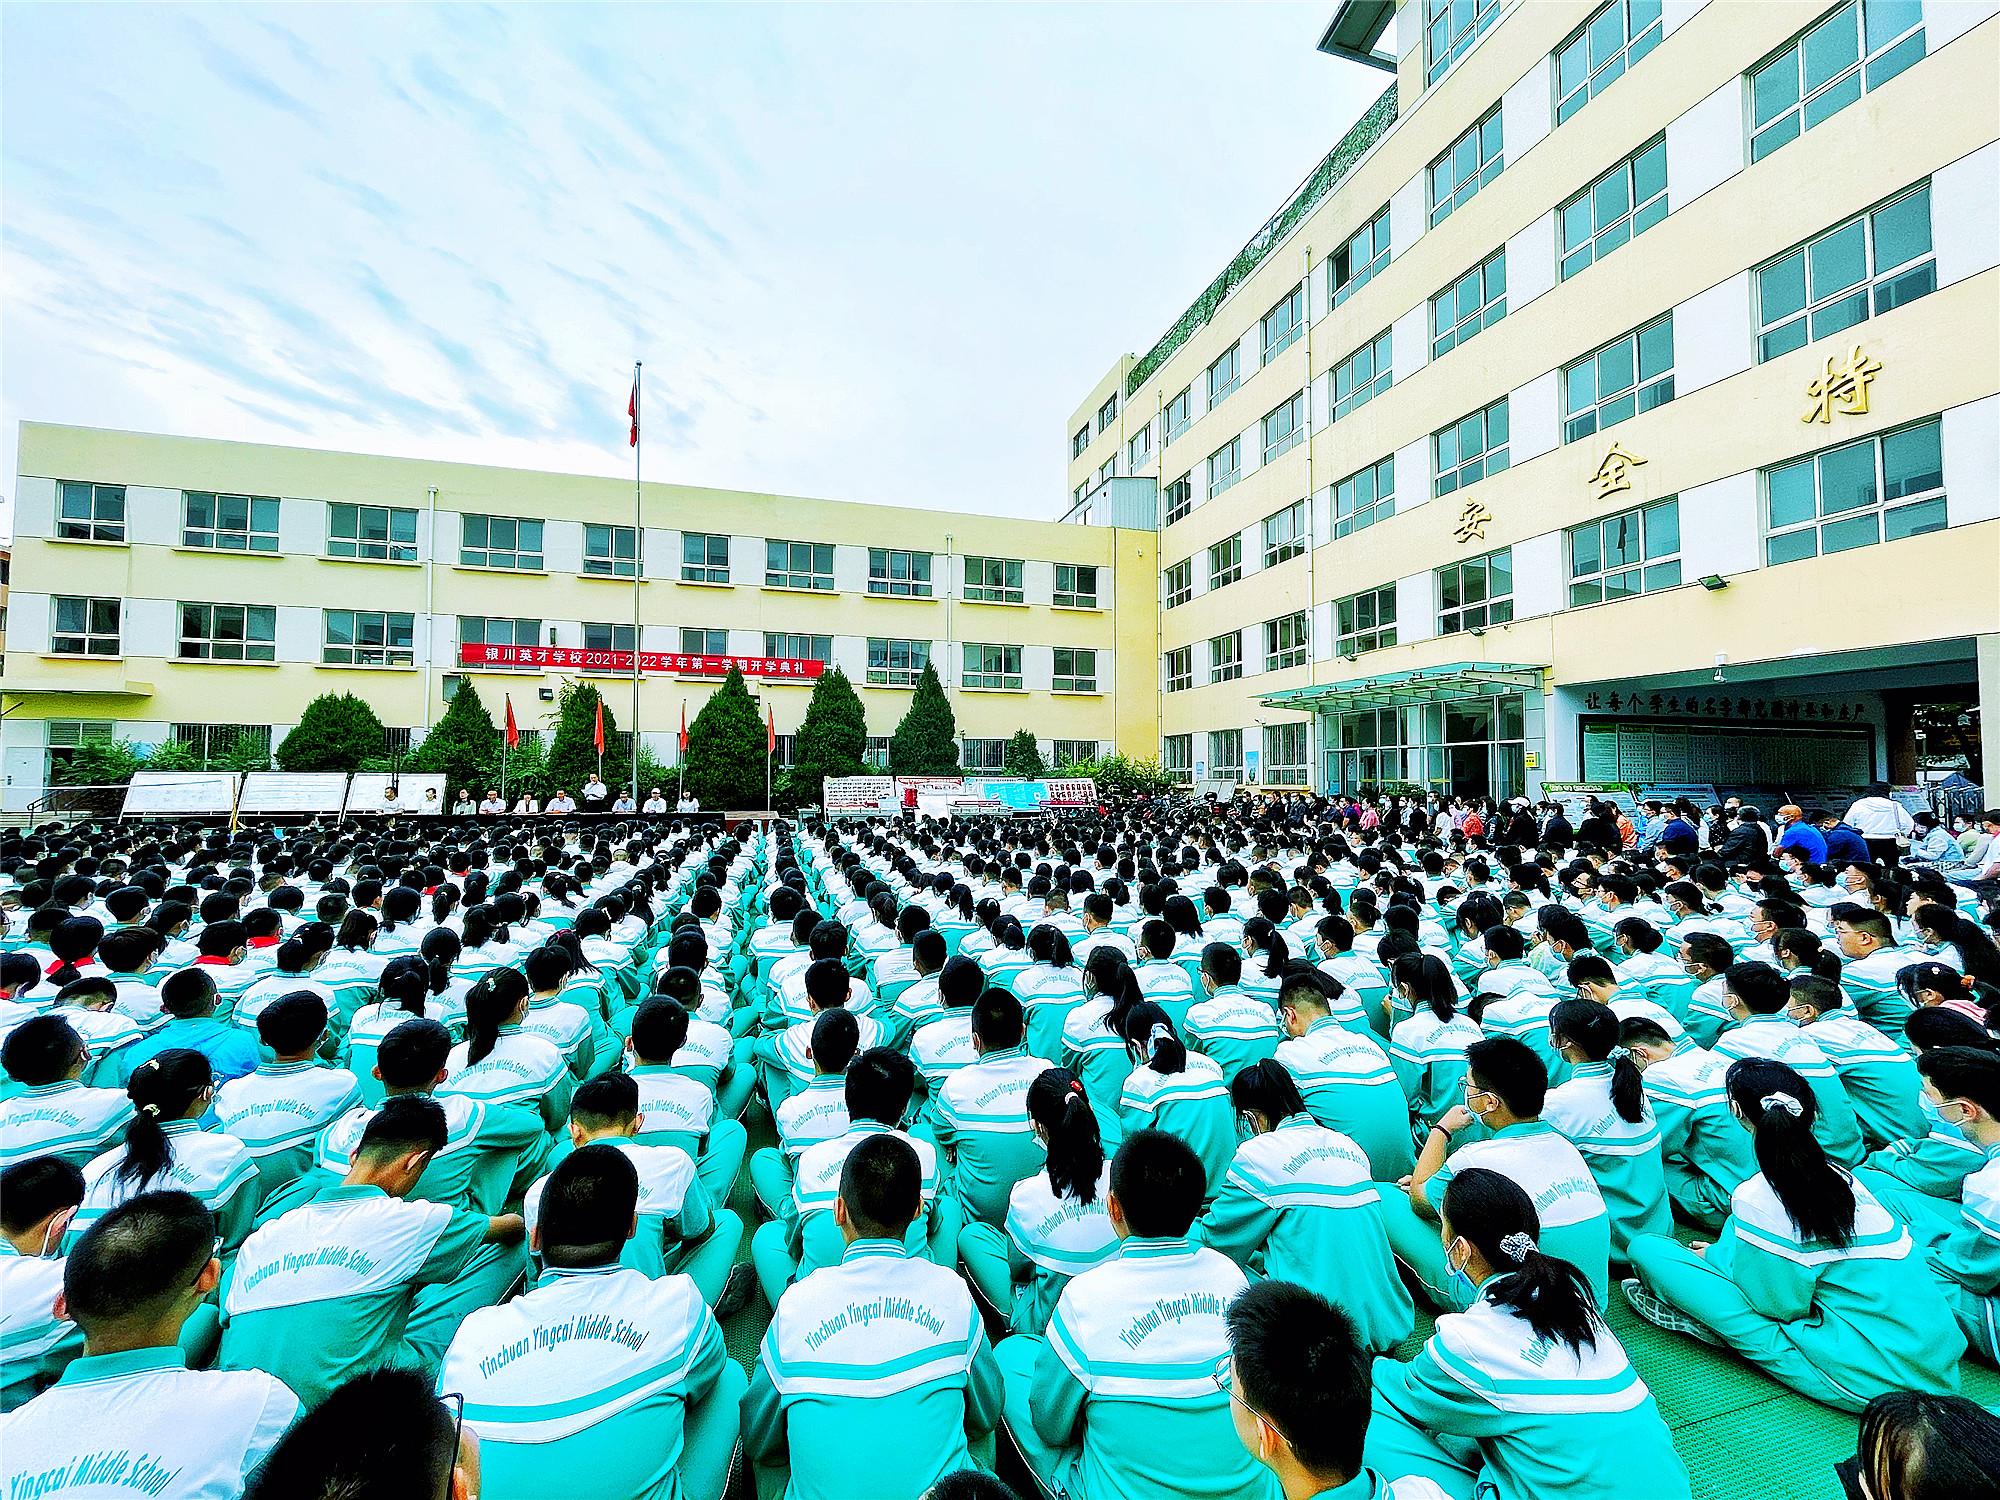 金秋启航,逐梦前行——银川英才学校2021—2022学年度第一学期开学典礼